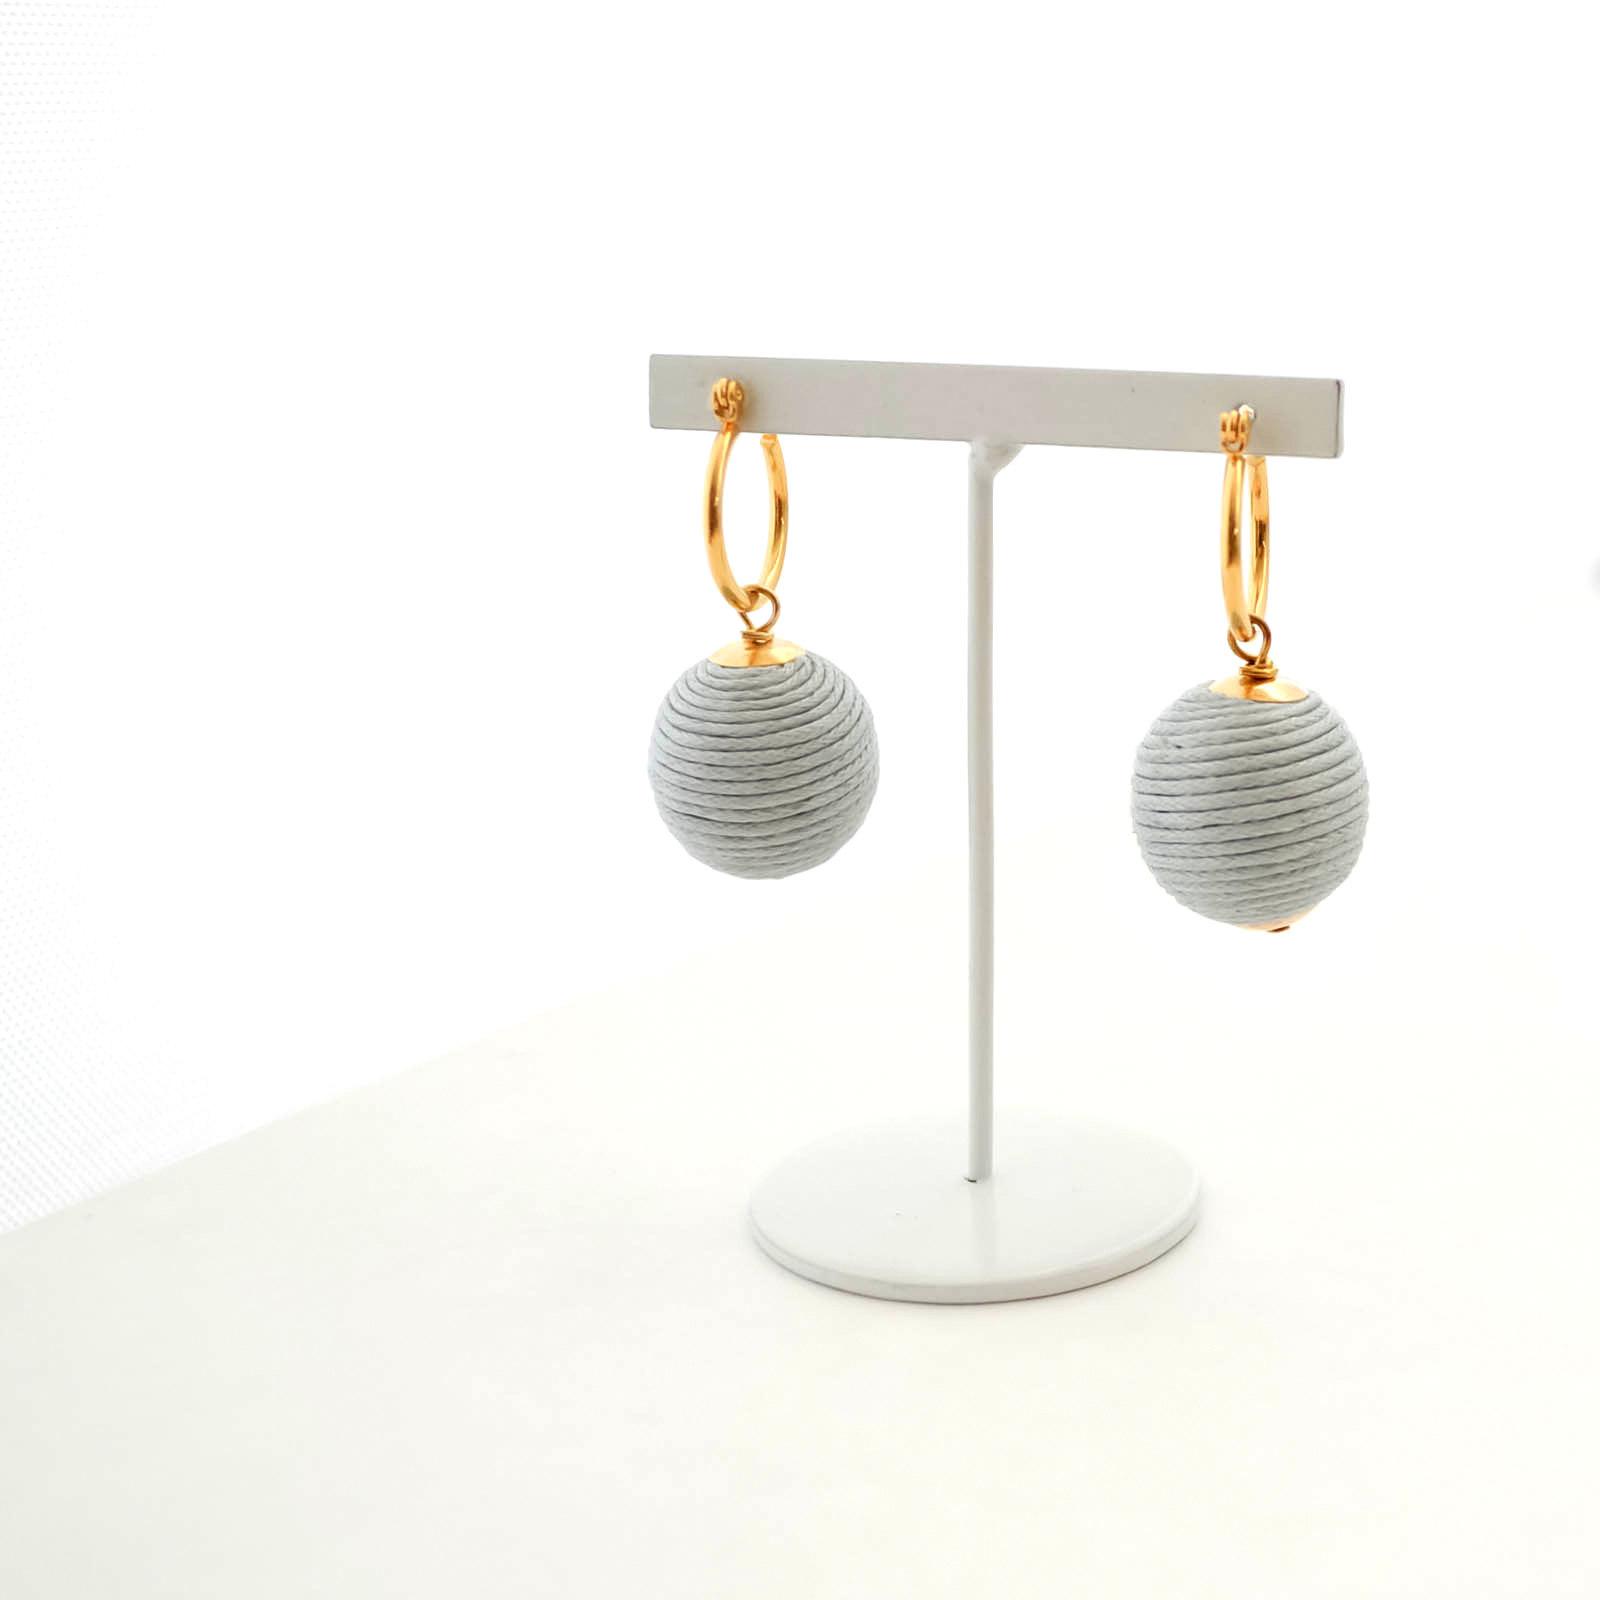 【期間限定】Cottoncode (gray) Pierces/Earrings